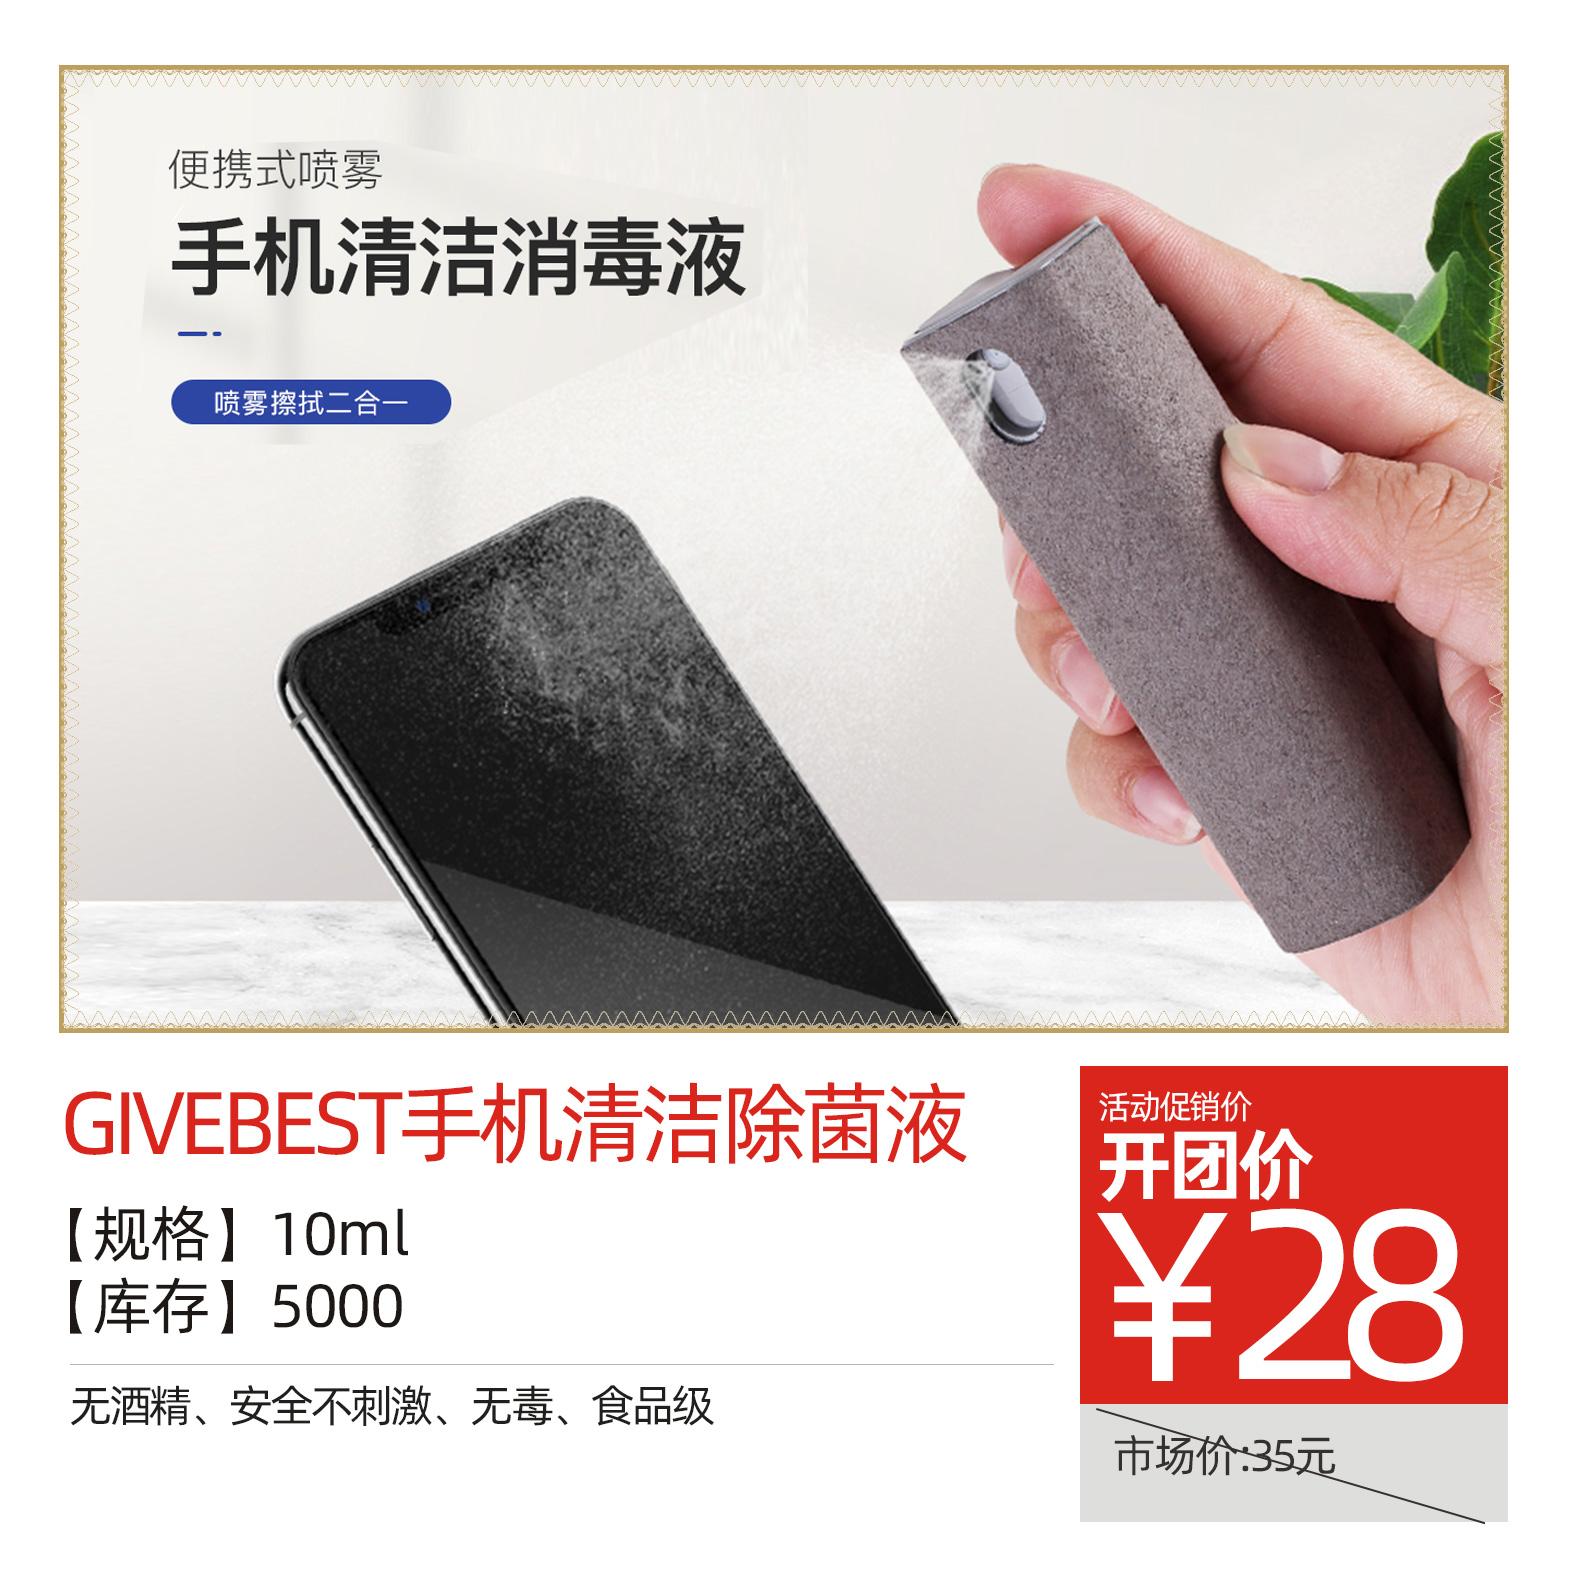 Givebest手机清洁除菌液